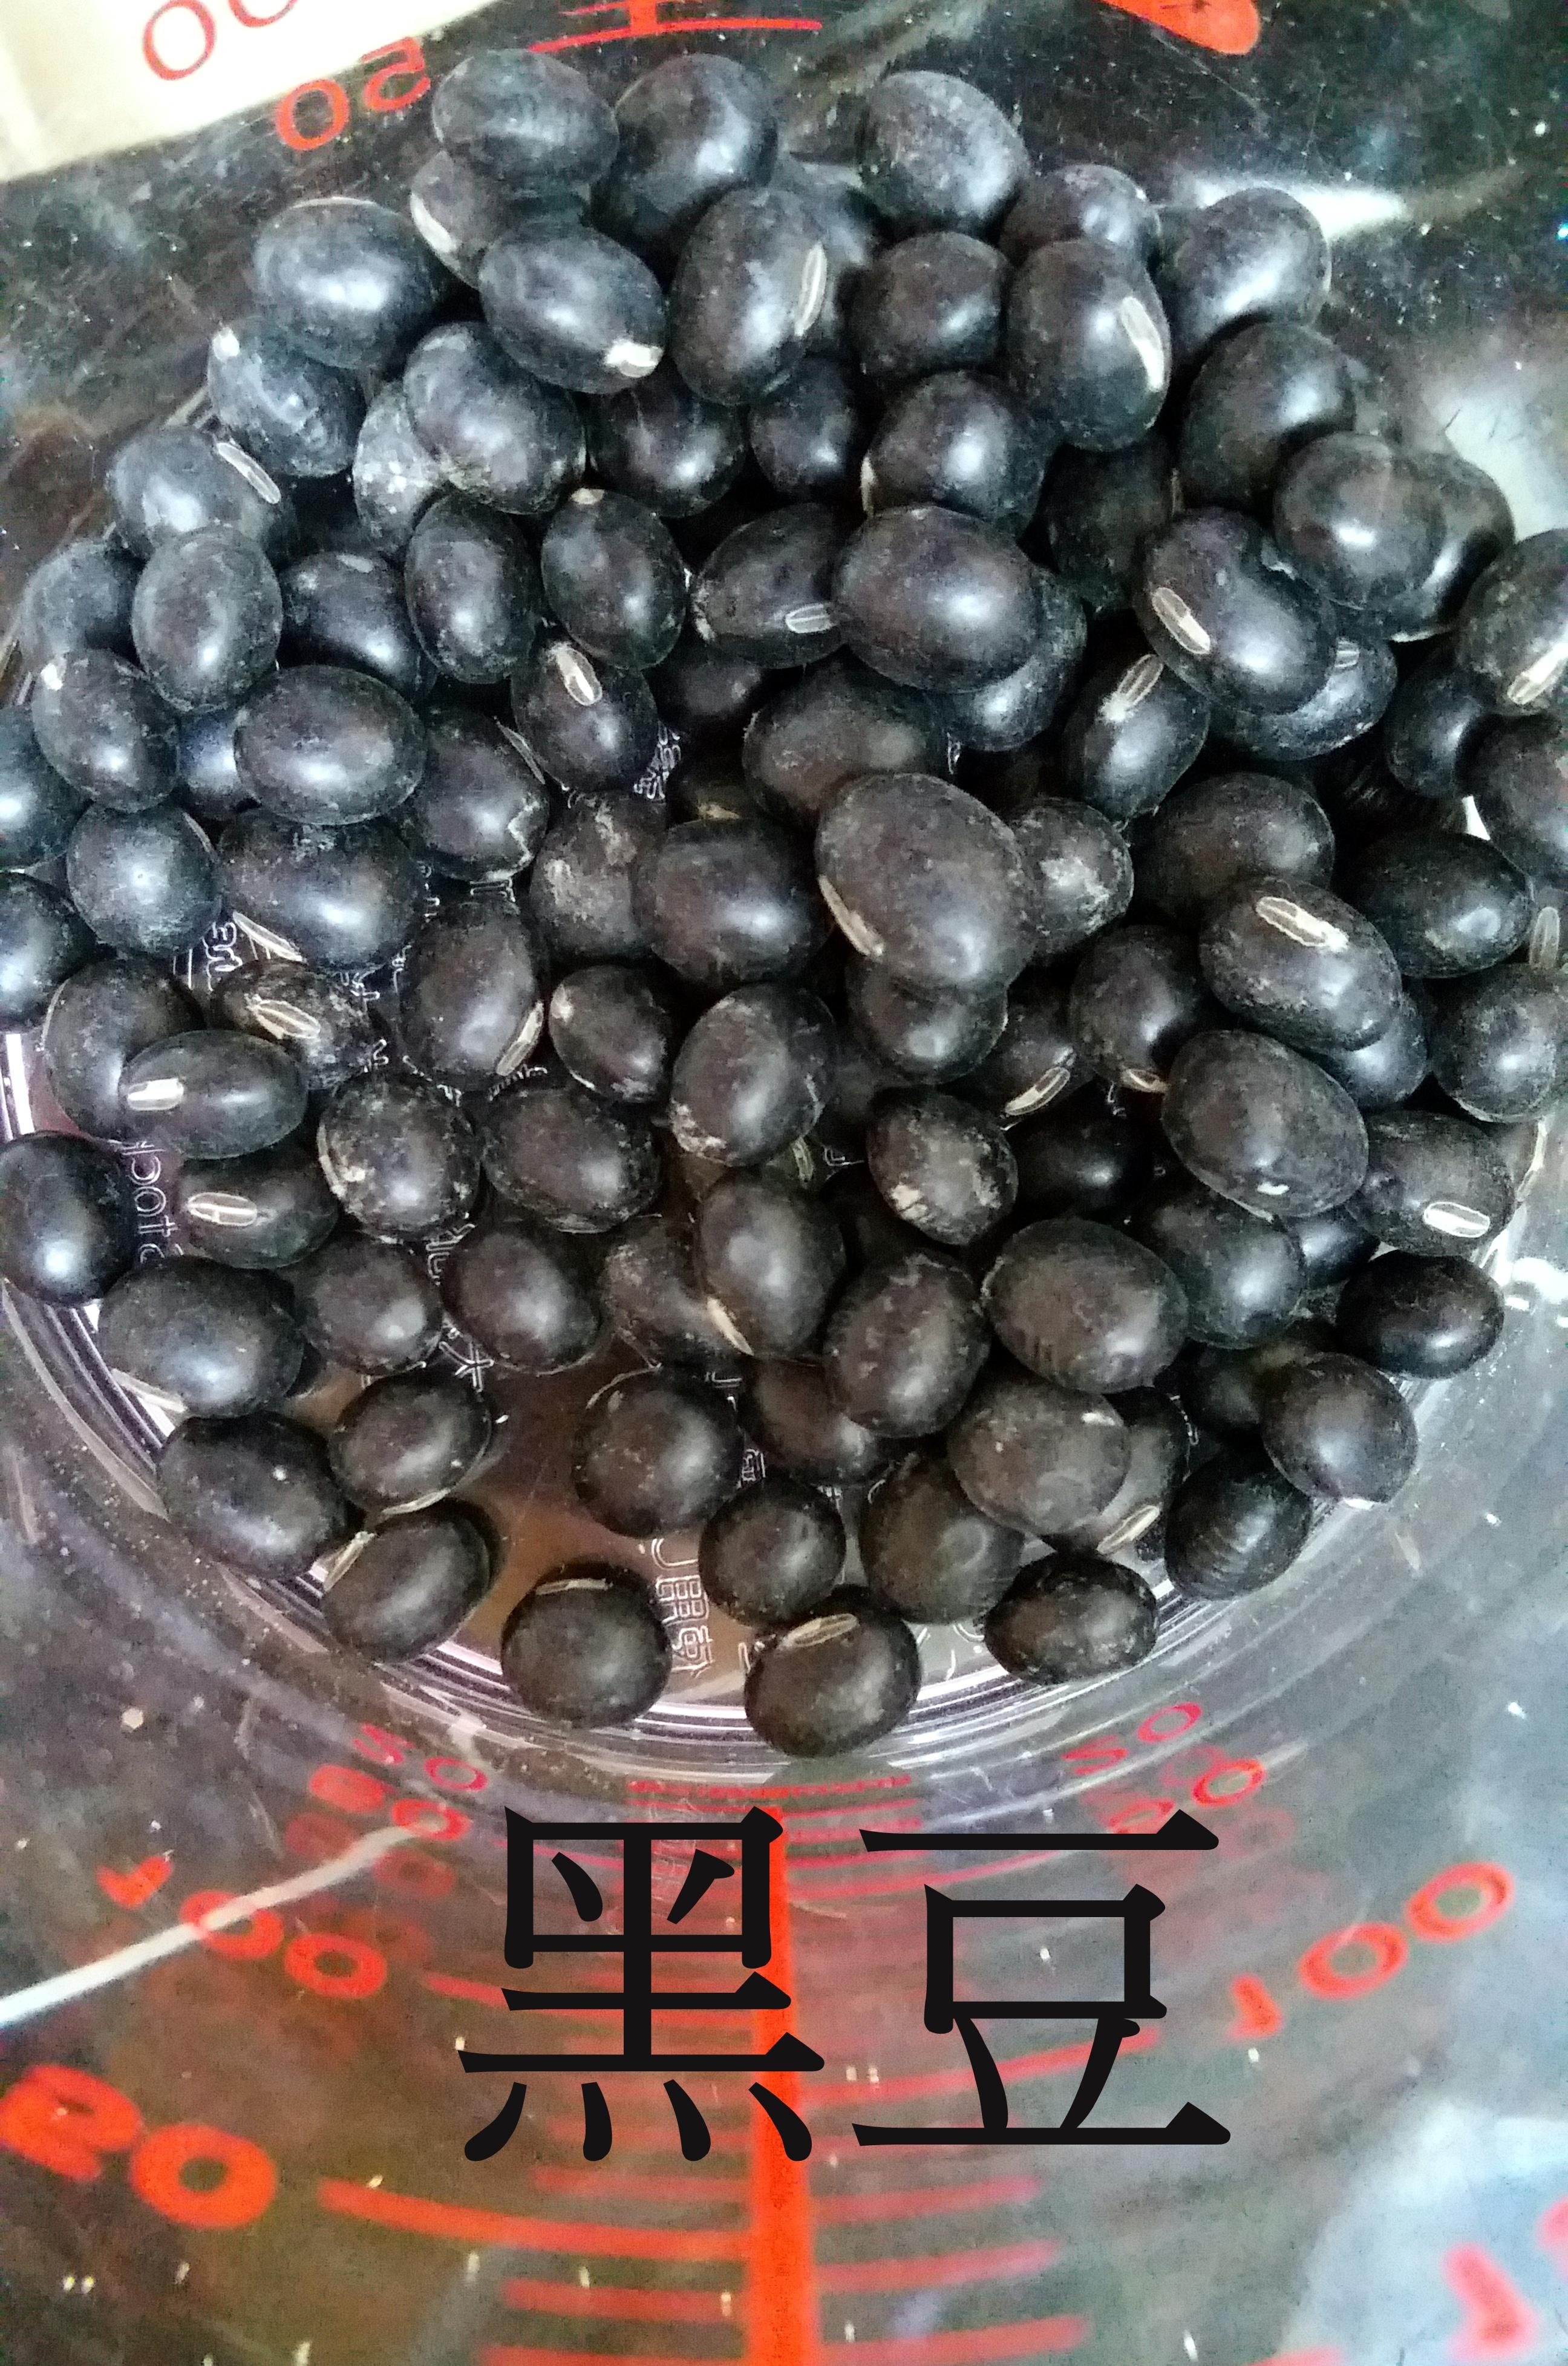 薏米雜豆粥(ハトムギとマメのお粥) | クリステキ香港生活